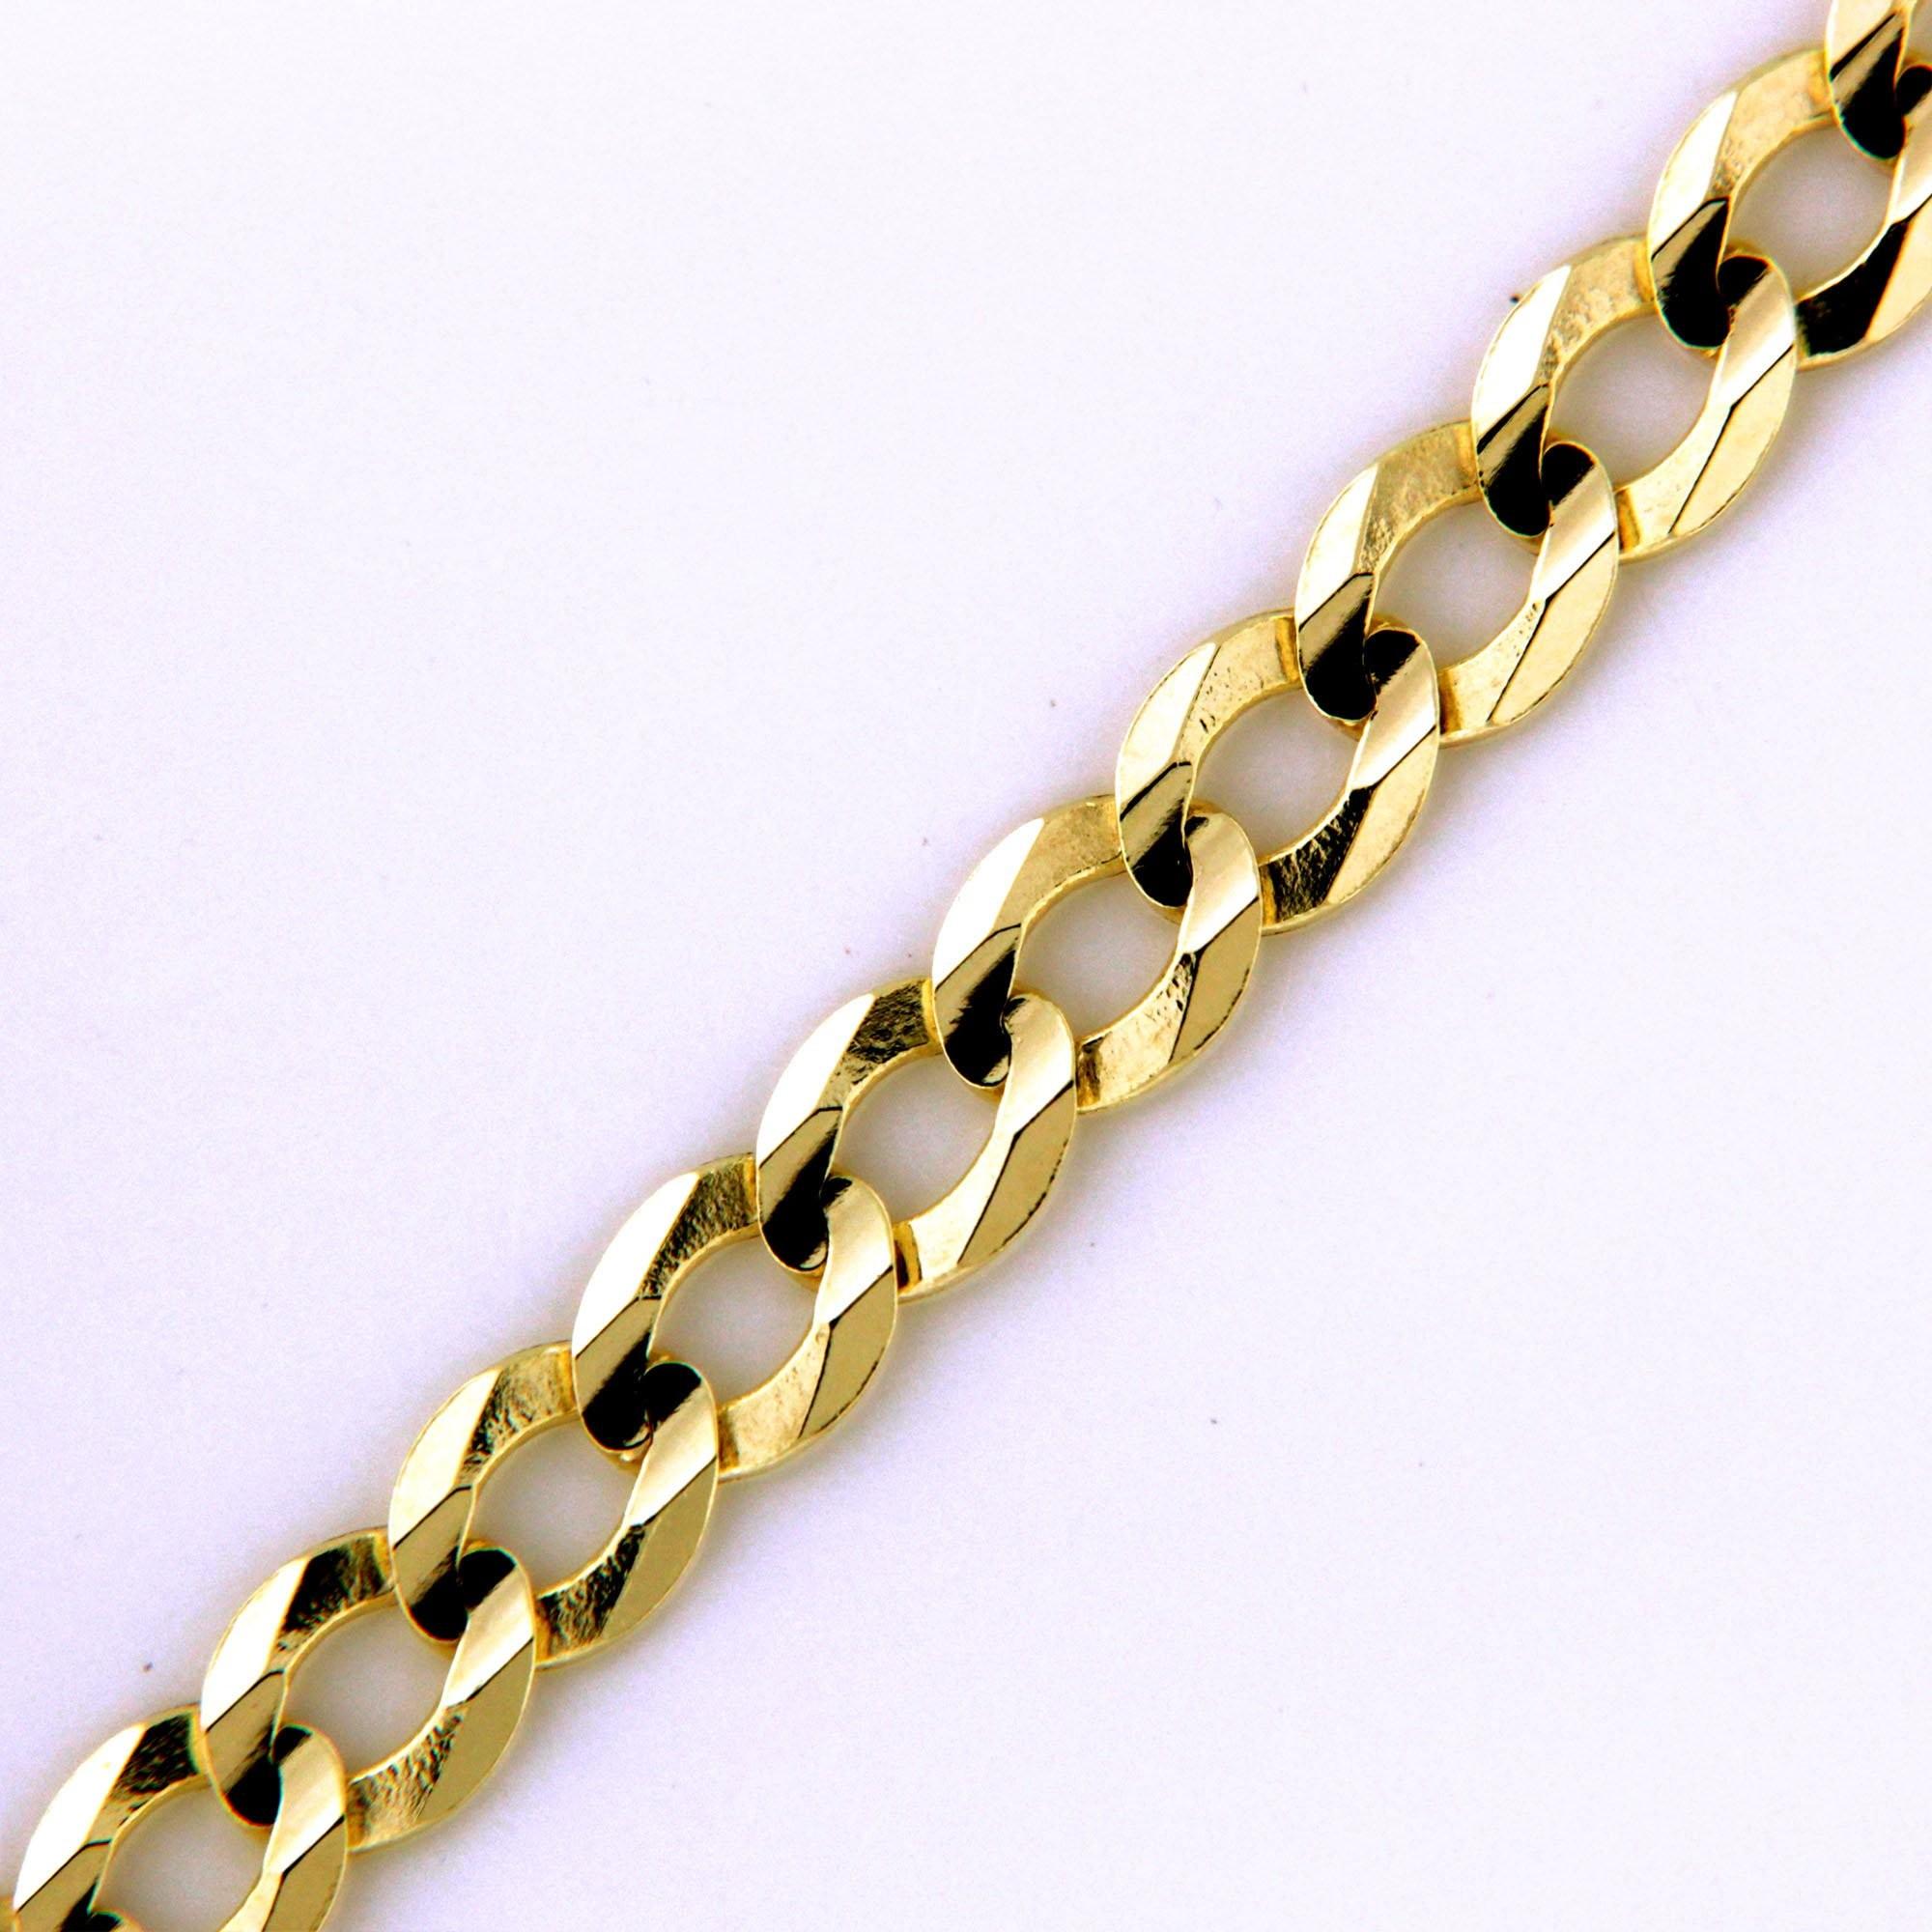 Zlatý řetízek 17285